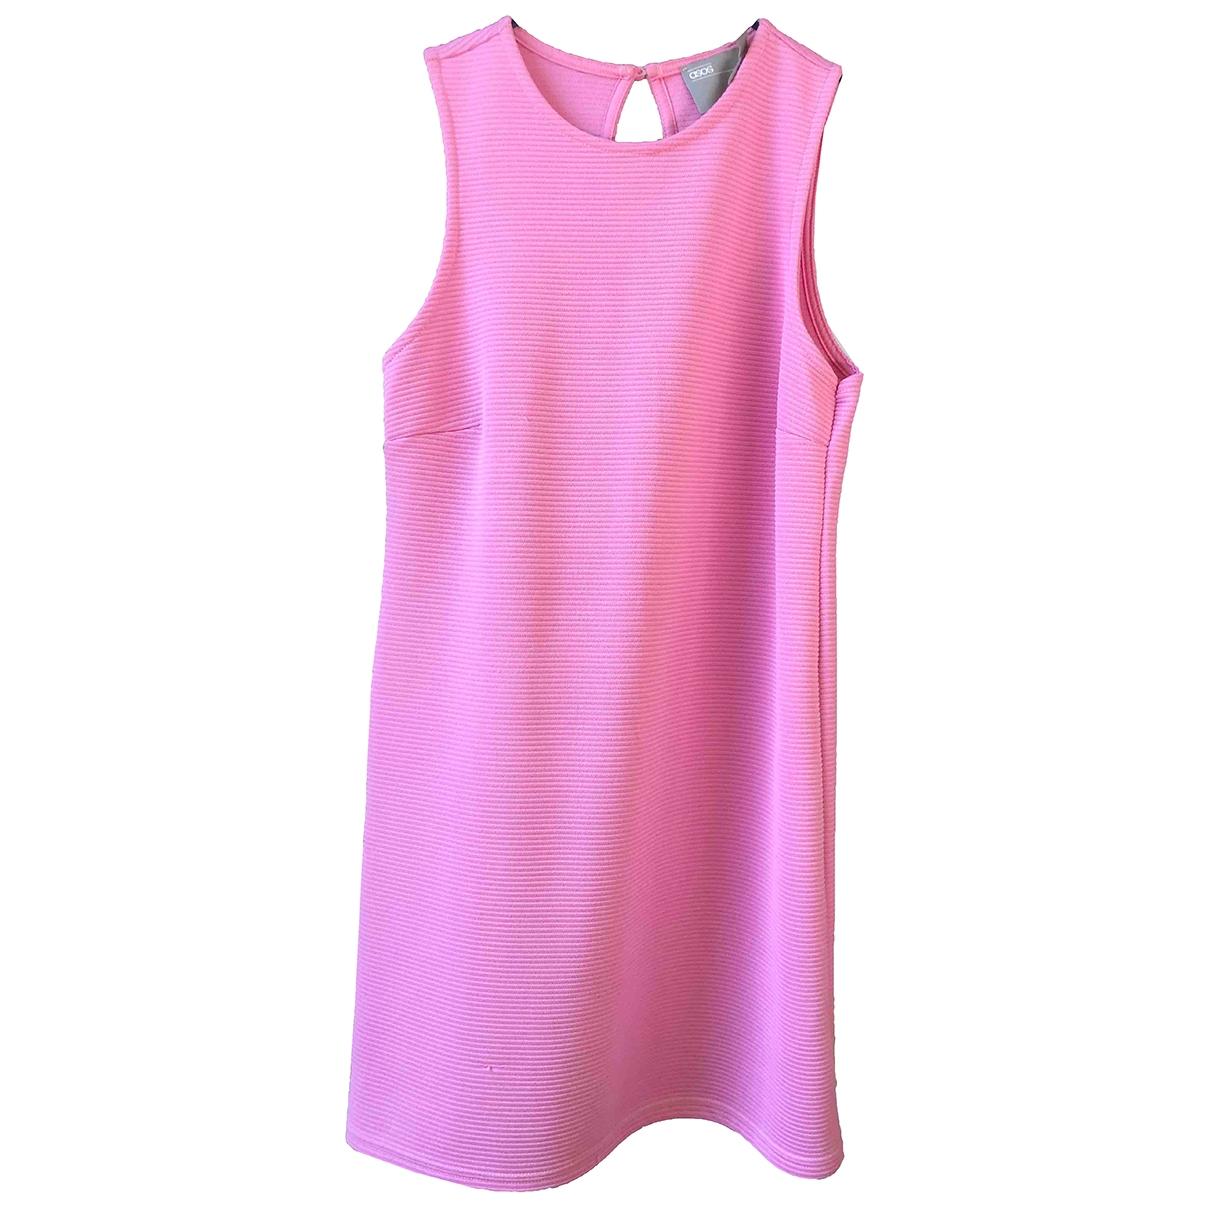 Asos \N Kleid in  Rosa Baumwolle - Elasthan